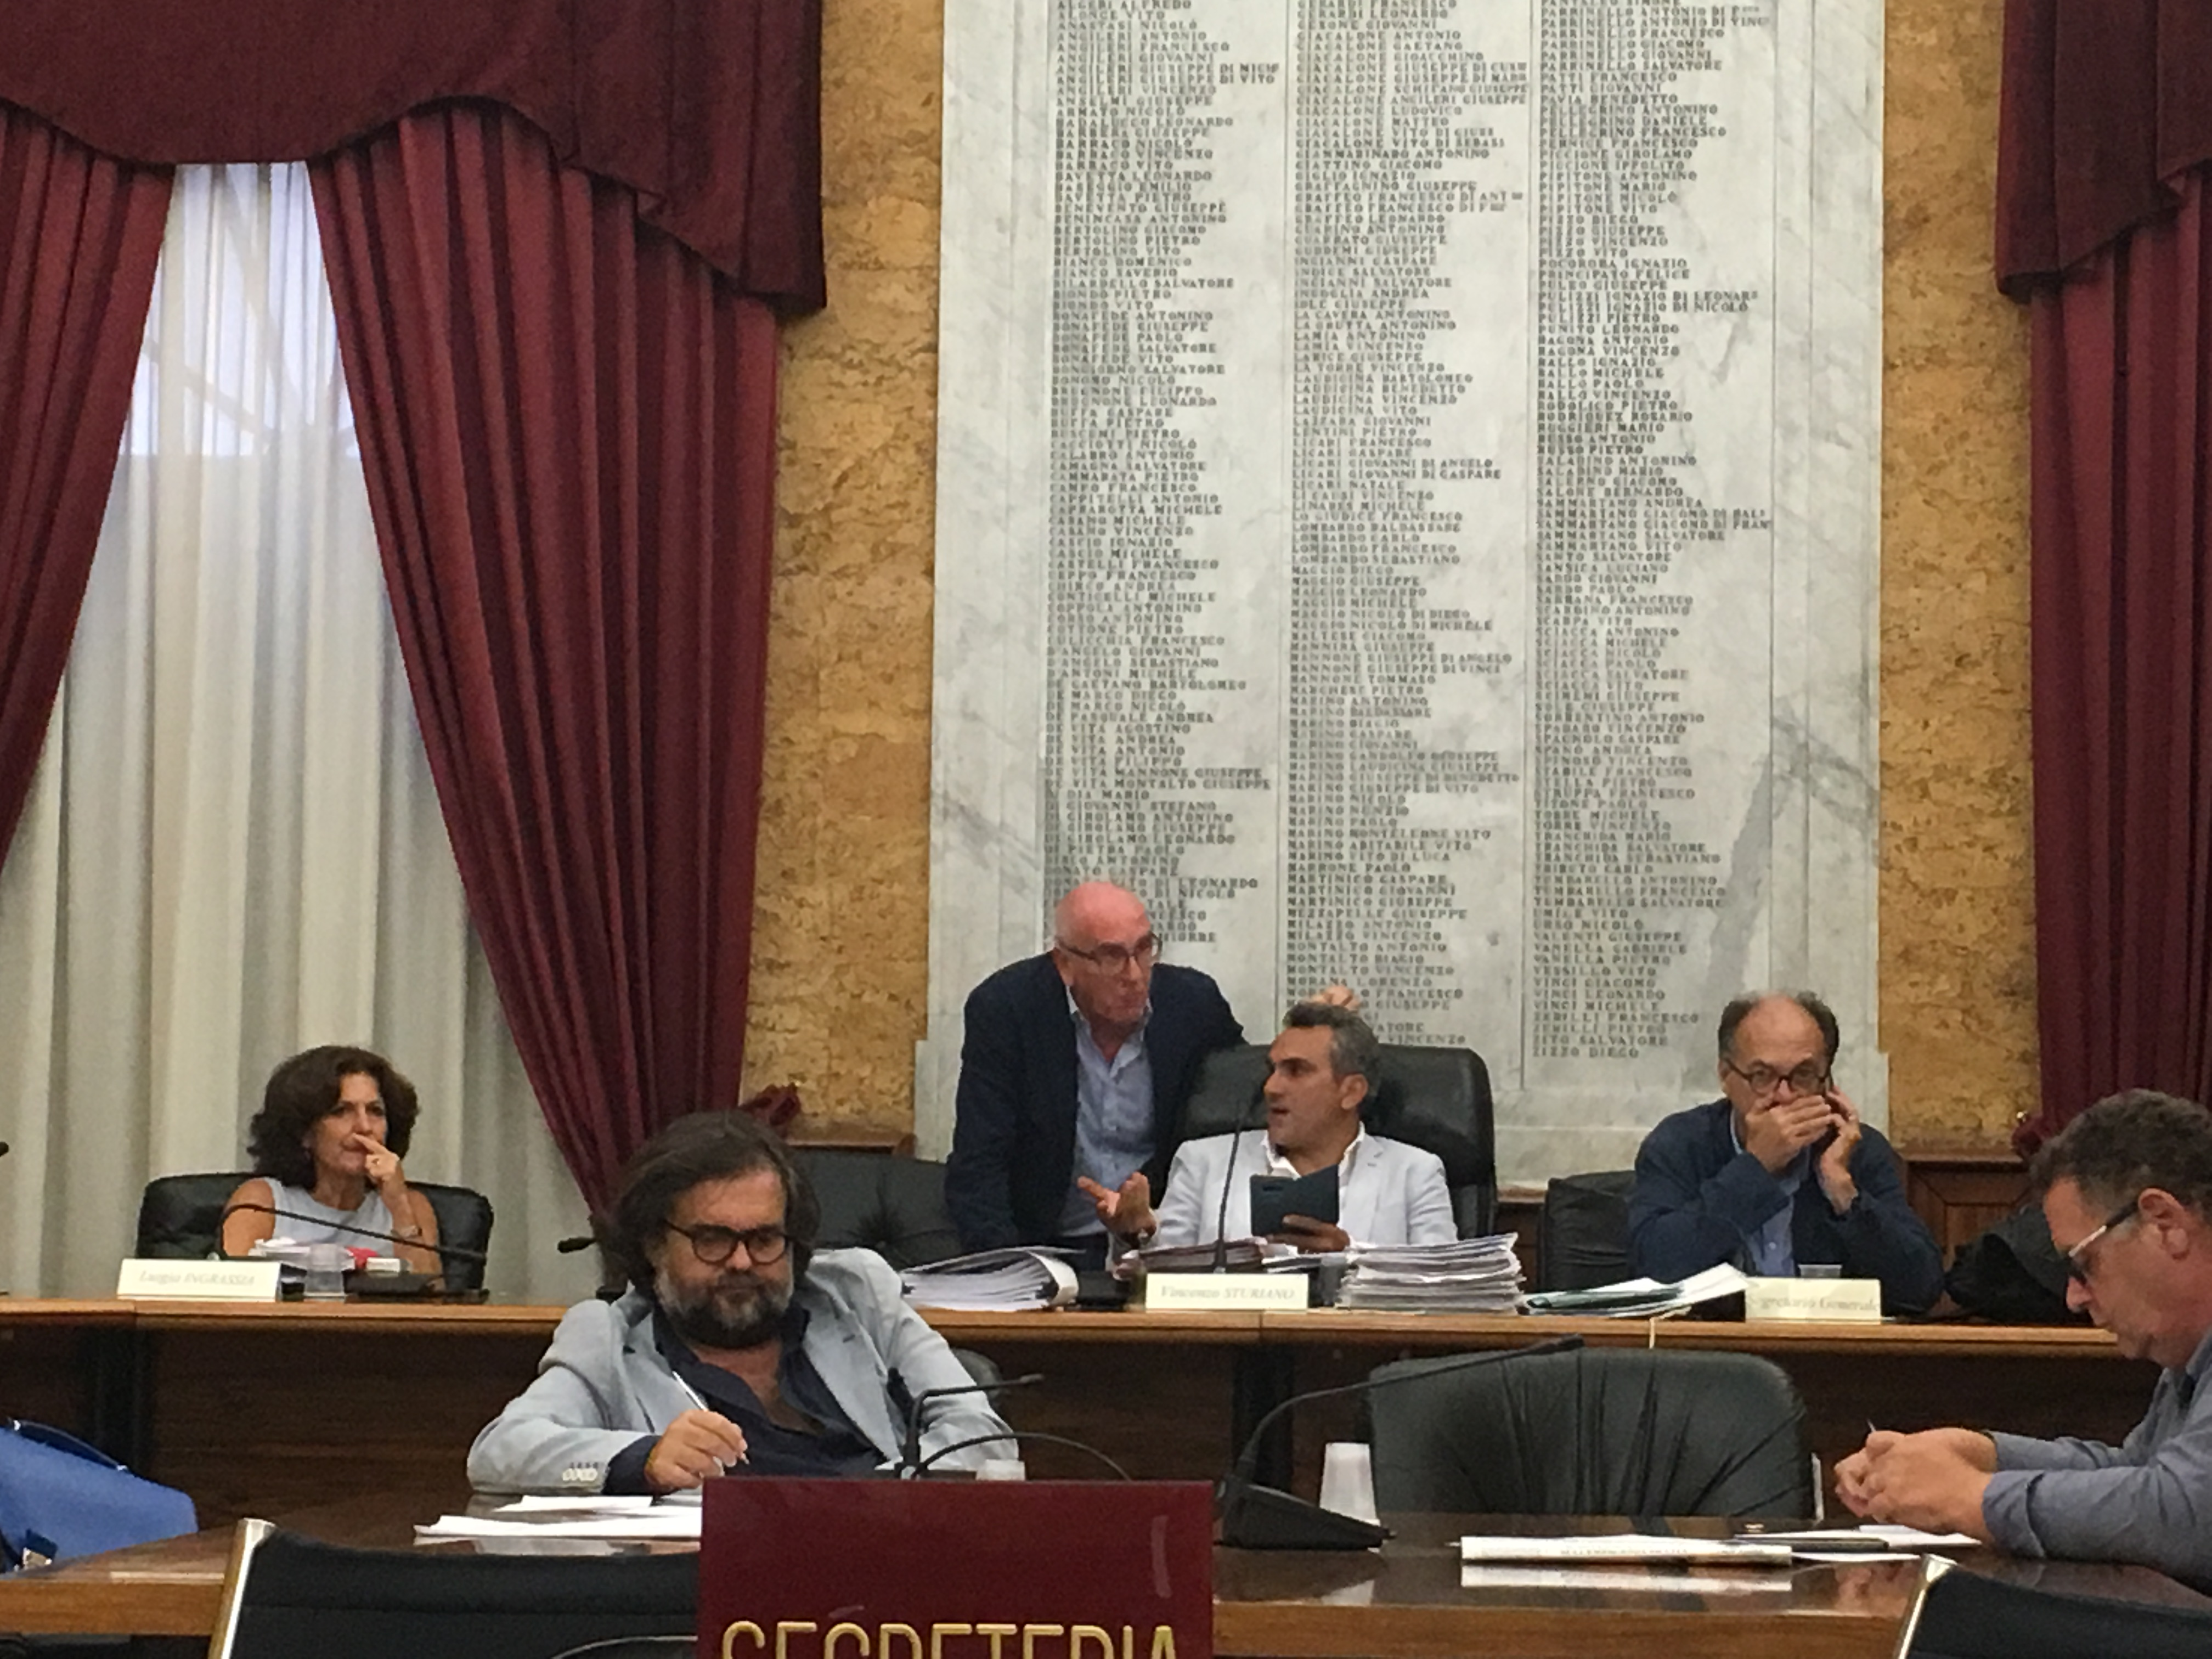 seduta Consiglio comunale di Marsala 12.09.2017